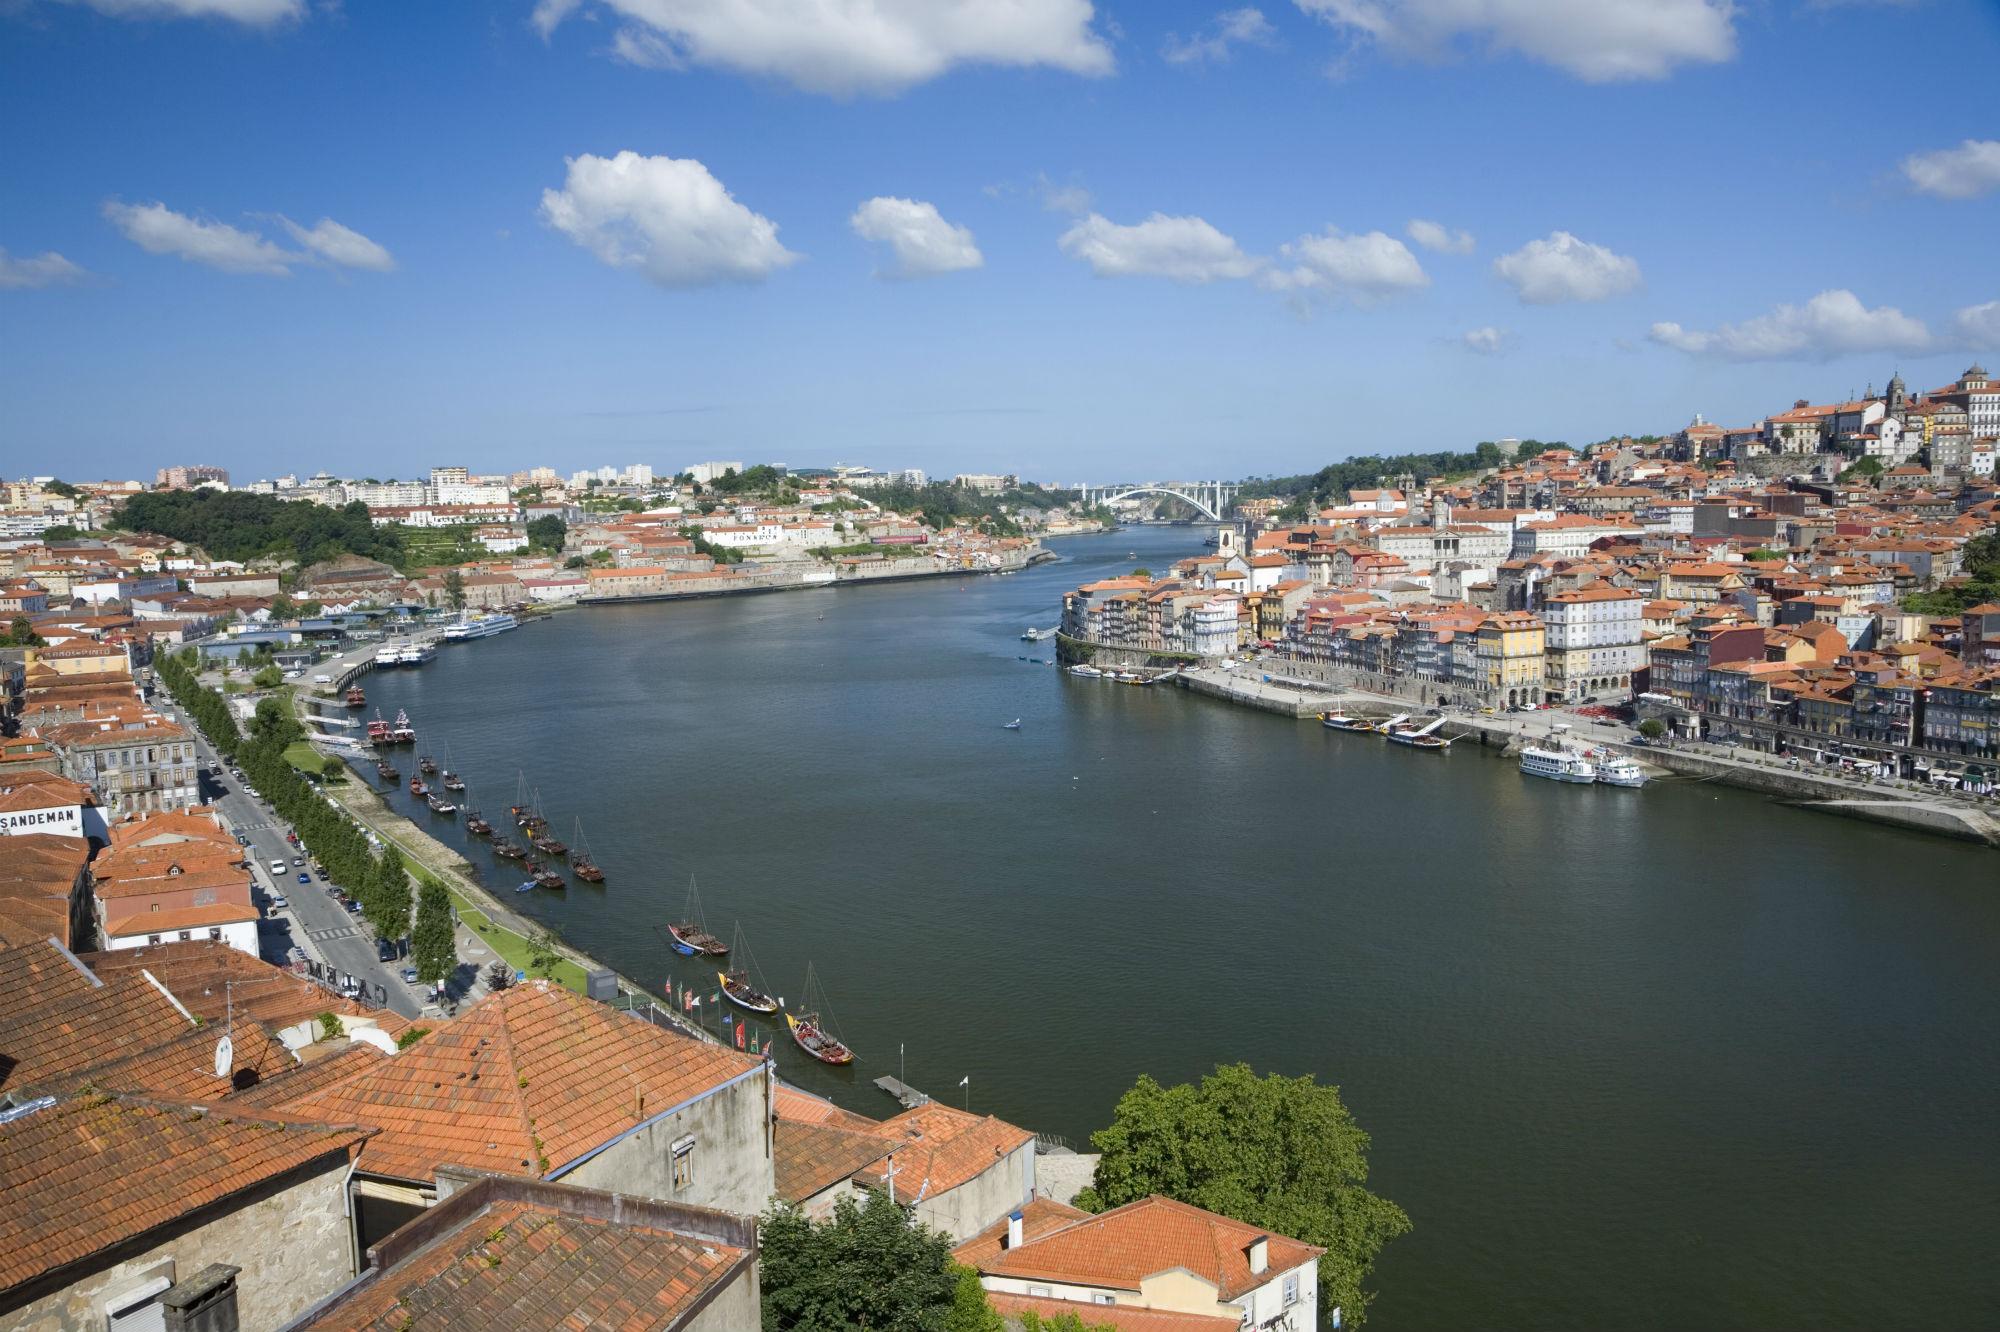 Preço das casas sobe pela primeira vez em Portugal em sete anos